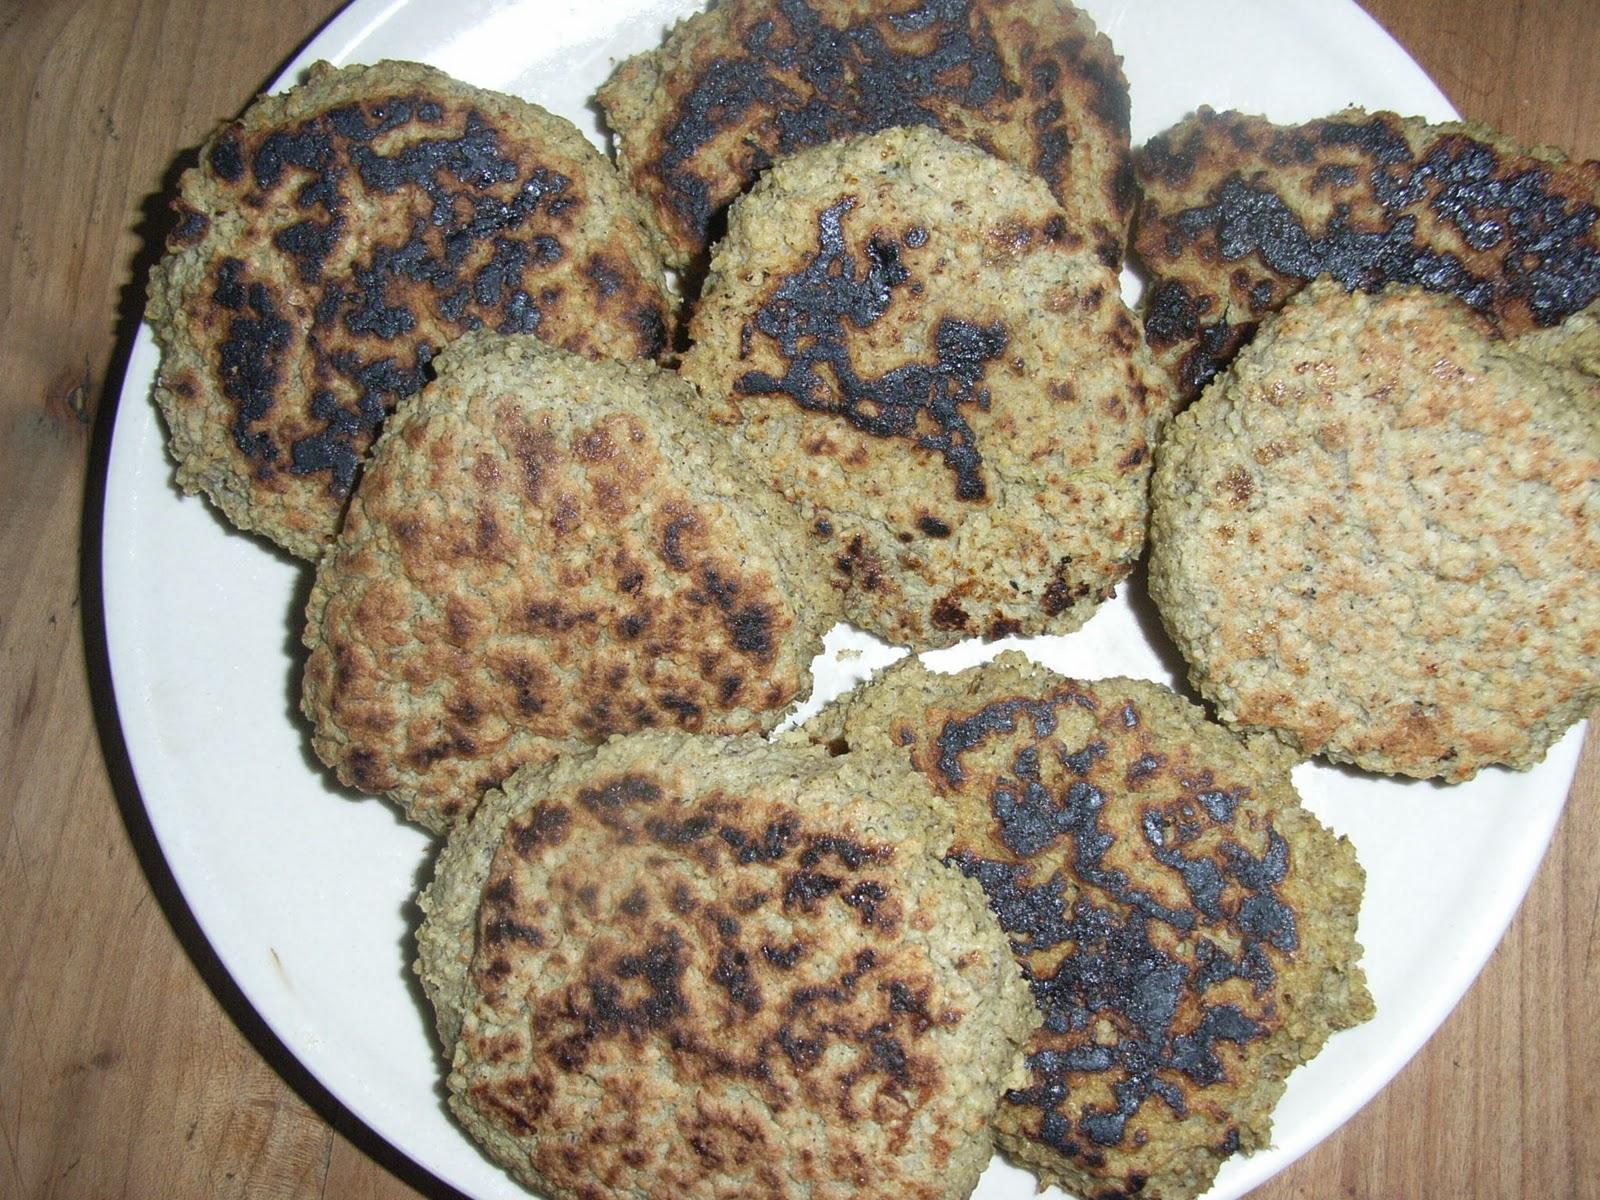 Allergique et gourmand galette de millet aux l gumes sans gluten lait de vache ou oeuf - Galette sarrasin sans oeuf ...